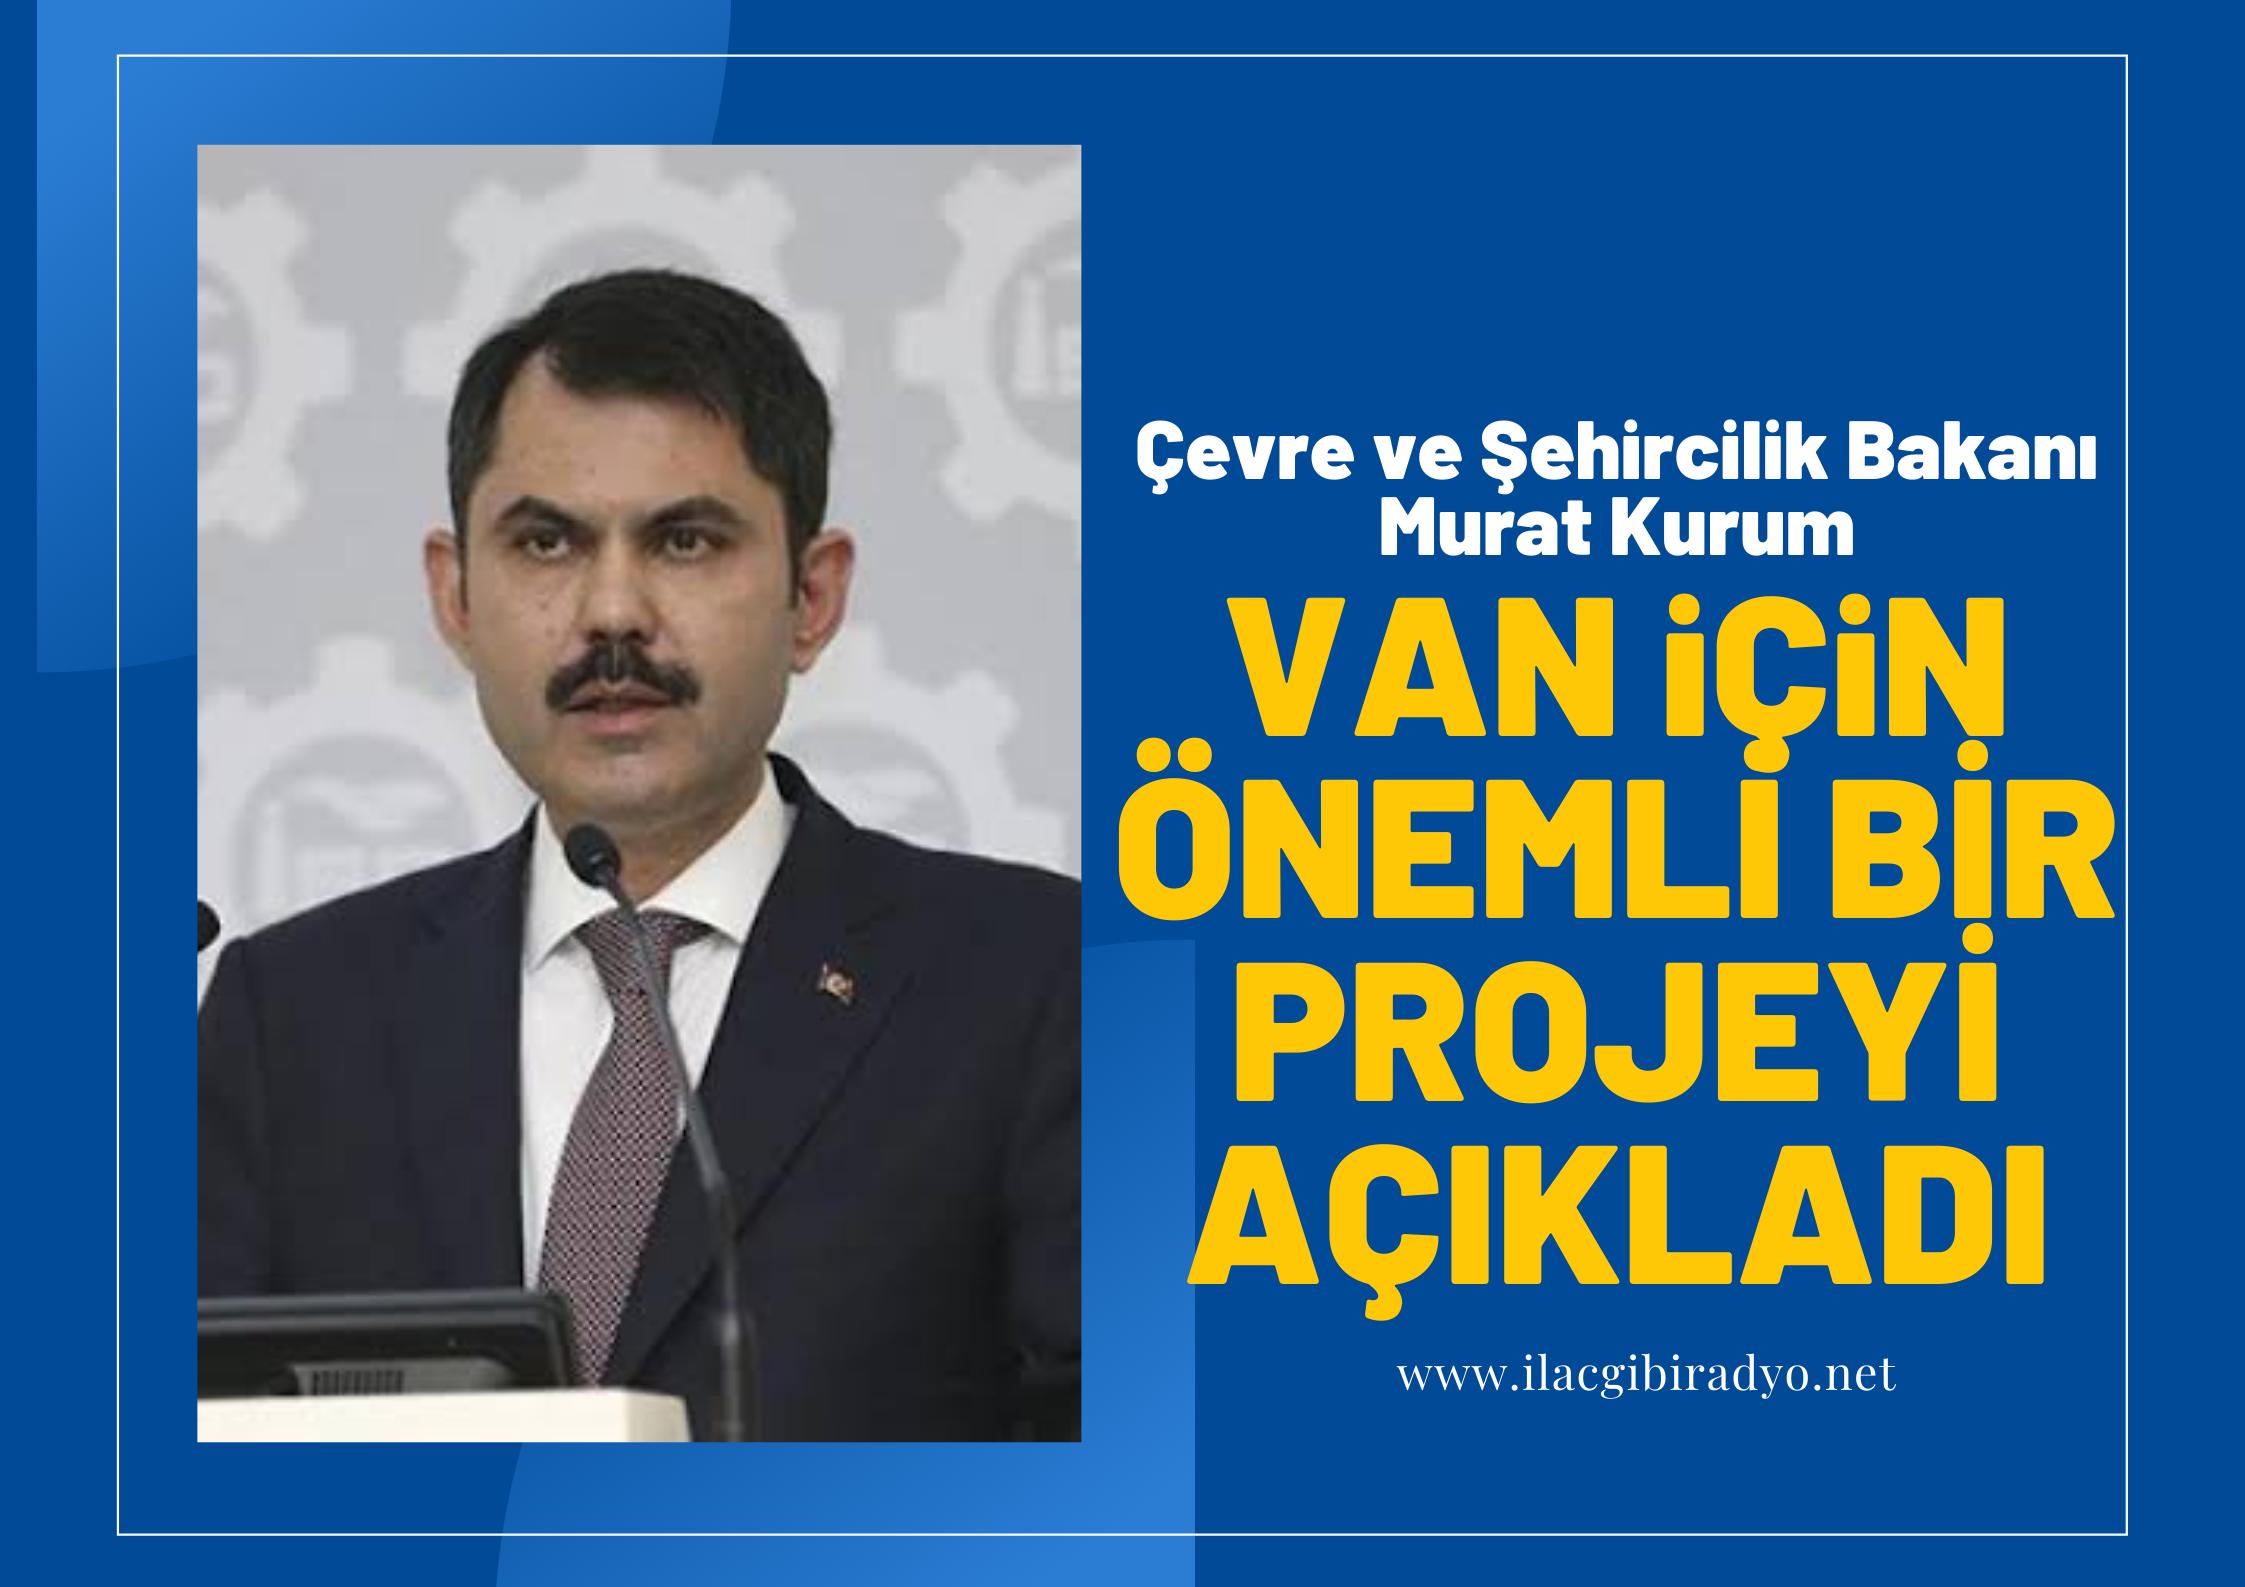 Bakan Murat Kurum, Van için önemli bir projeyi açıkladı!